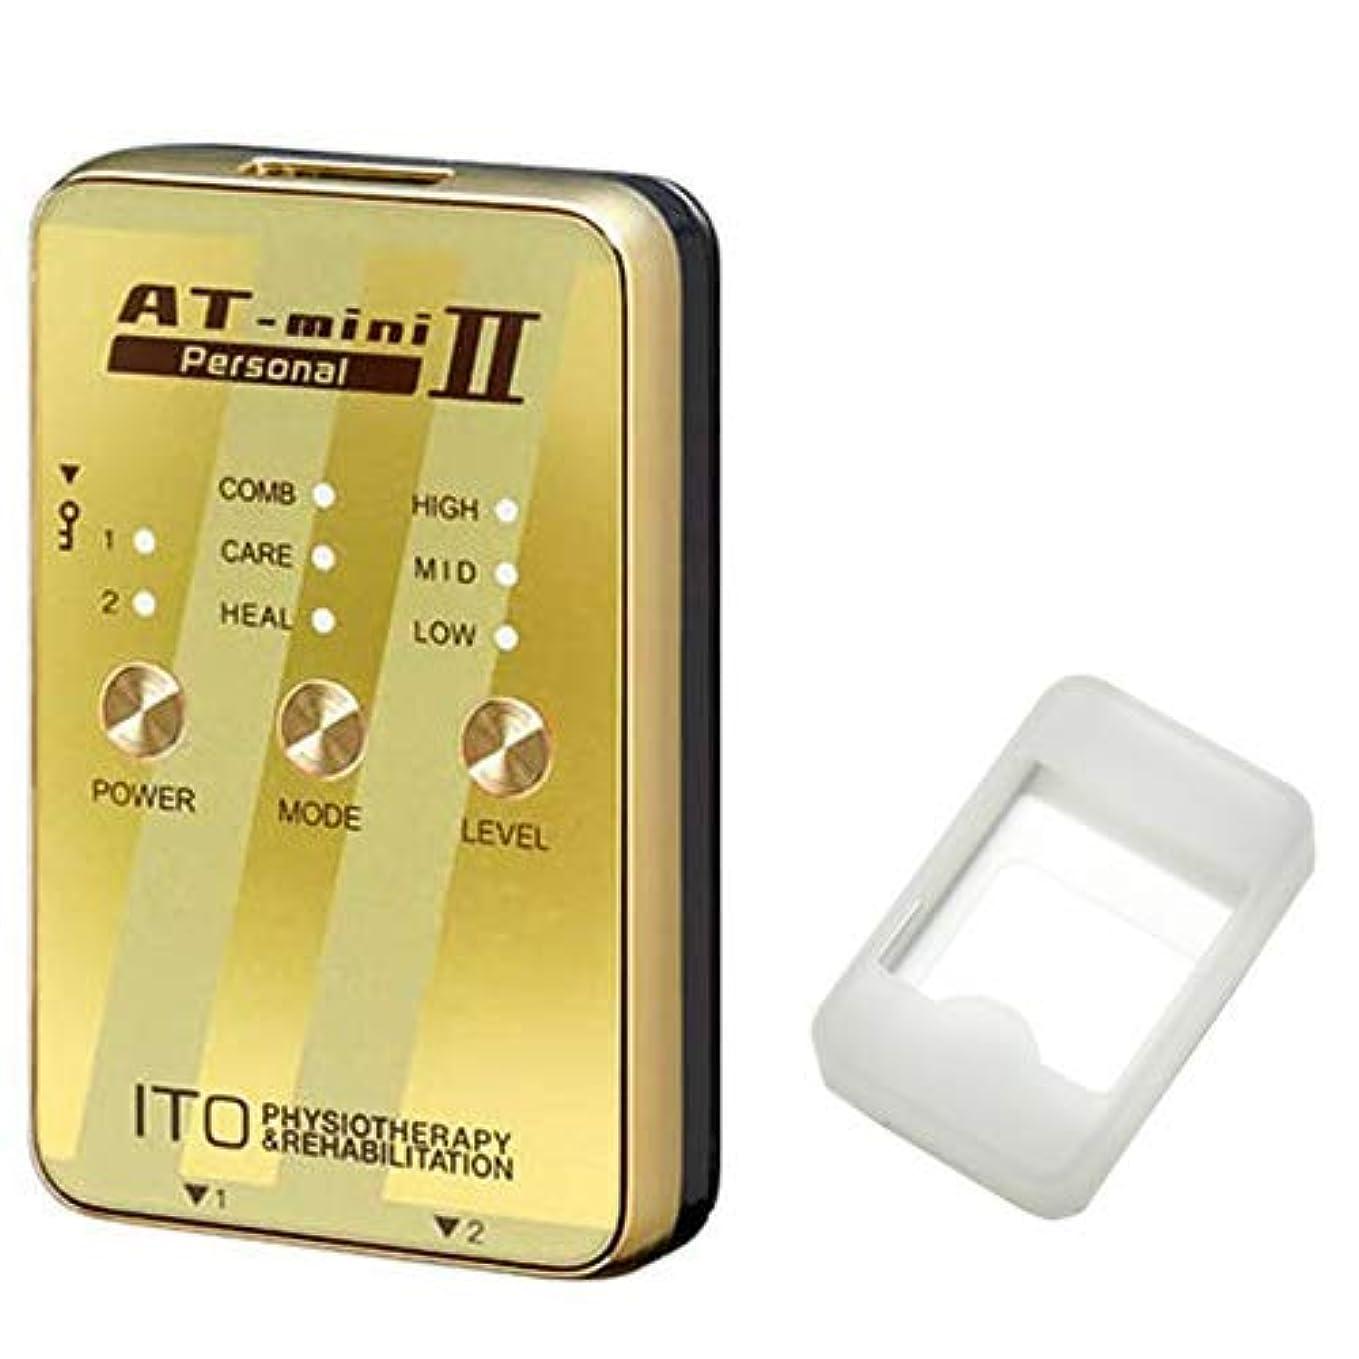 水平解釈する無意味低周波治療器 AT-mini personal II ゴールド (ATミニパーソナル2) + シリコン保護ケース